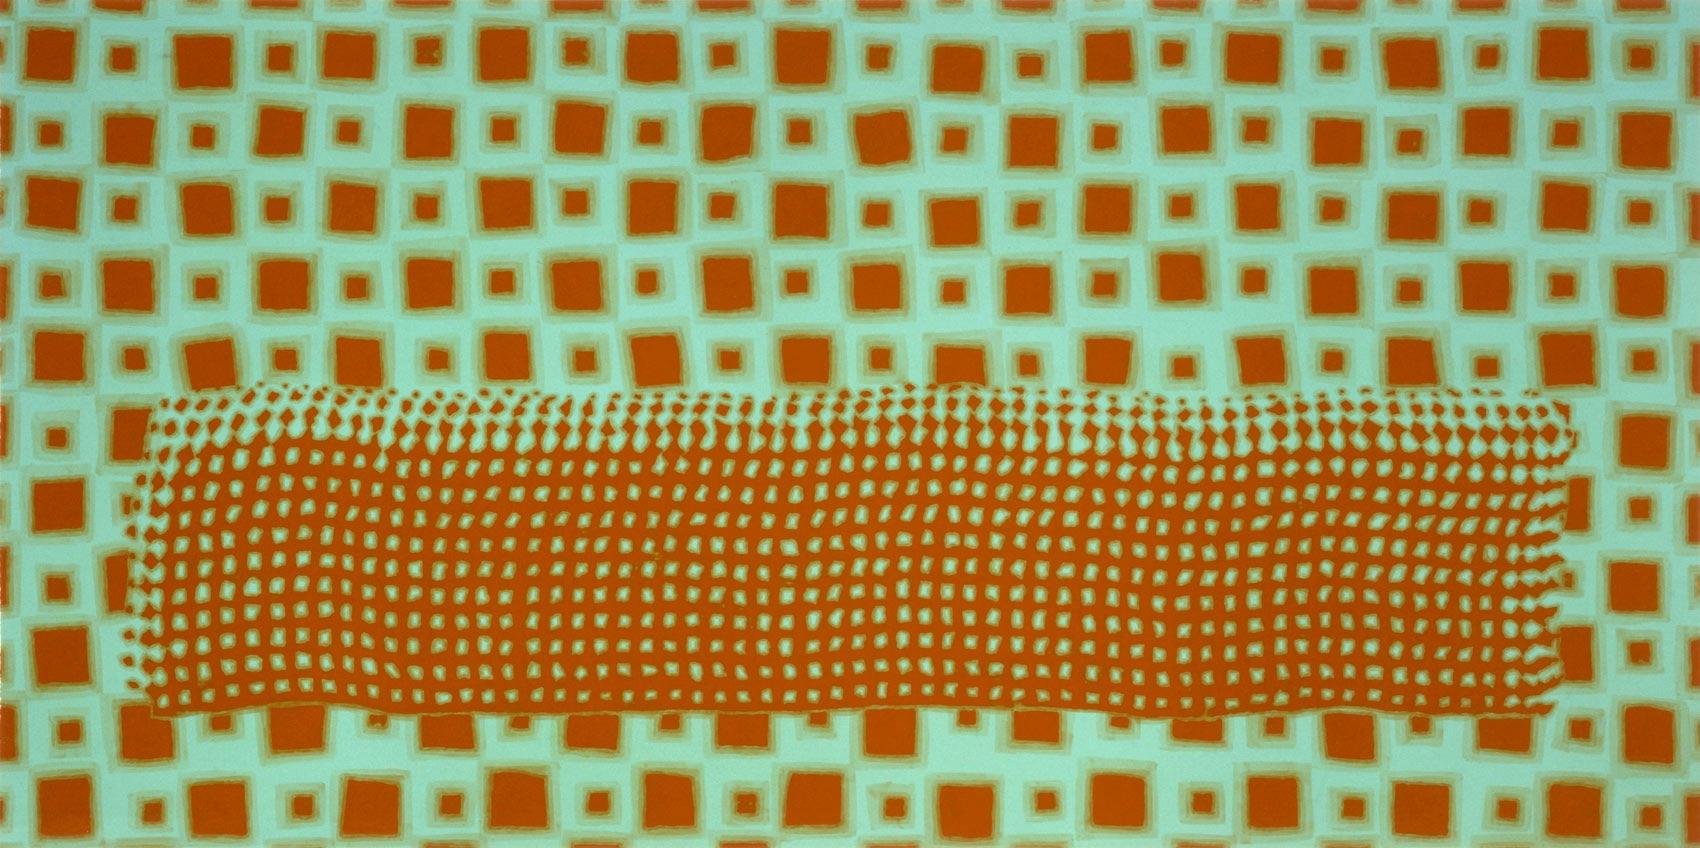 lit, 1998, peinture alkyde sur Aerolam, 123 x 247 cm